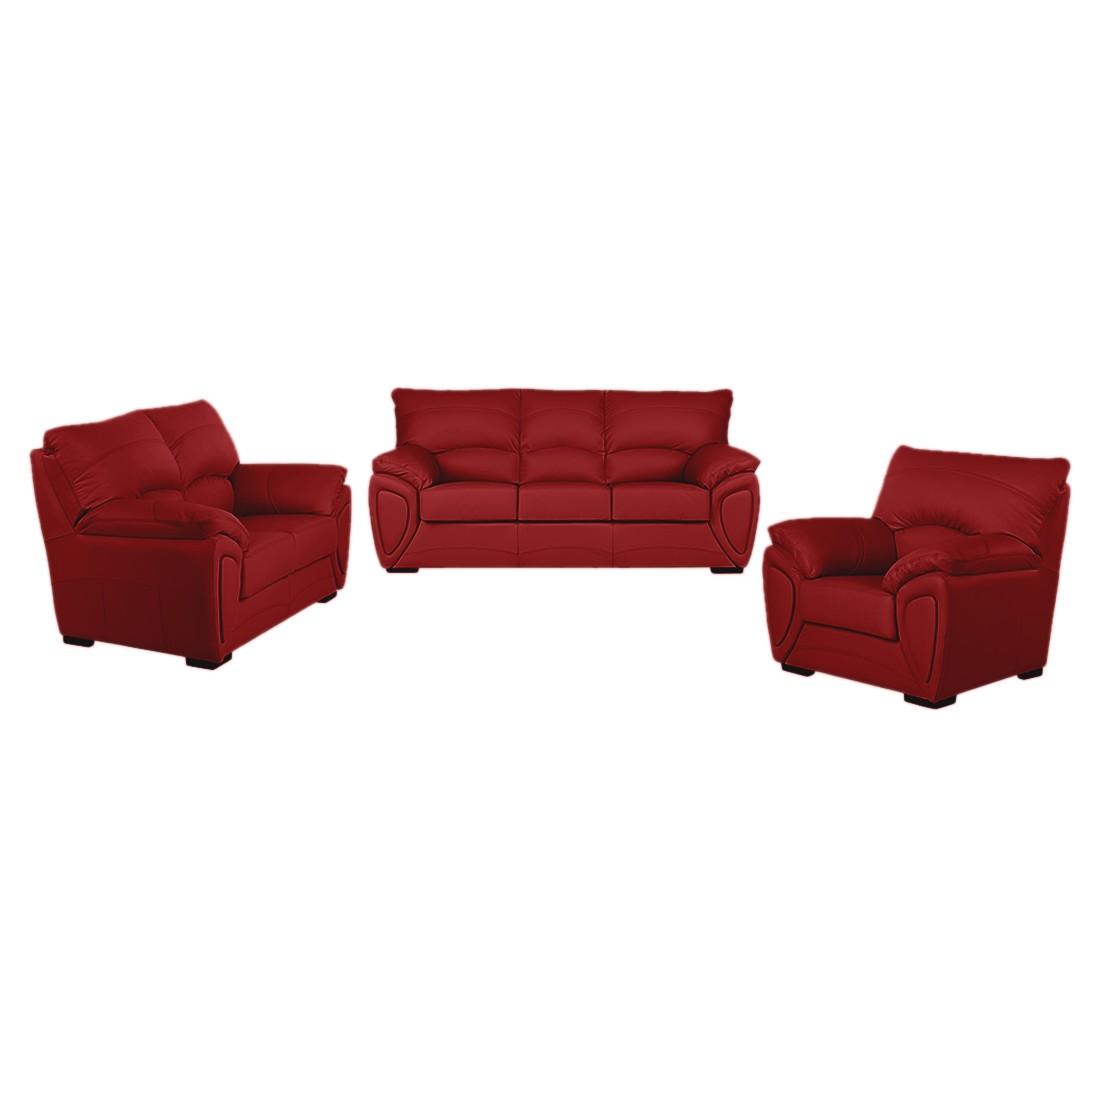 Bankenset Luzzi (3-zitsbank, 2-zitsbank en fauteuil) - rood echt leer, Nuovoform